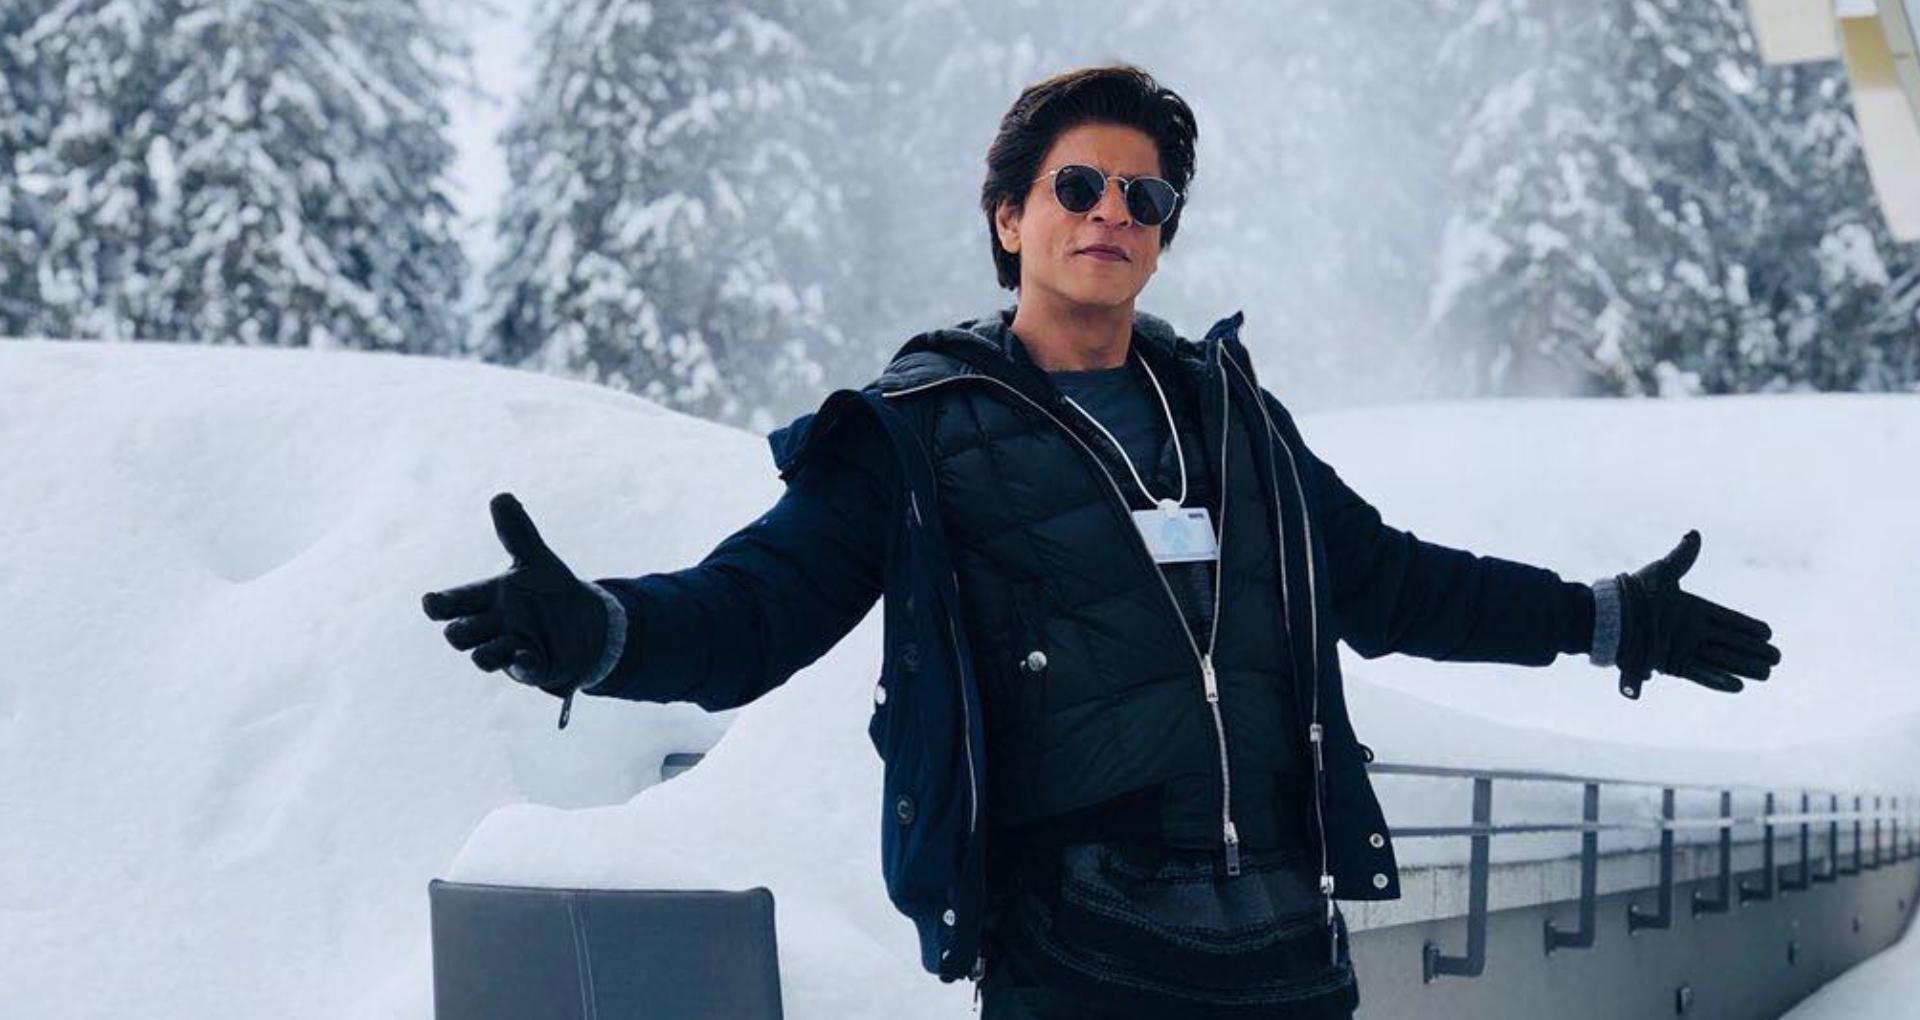 जीरो की असफलता के बाद लीड नहीं, अब कैमियो रोल में नजर आ सकते हैं शाहरुख खान, इस फिल्म में करेंगे एंट्री